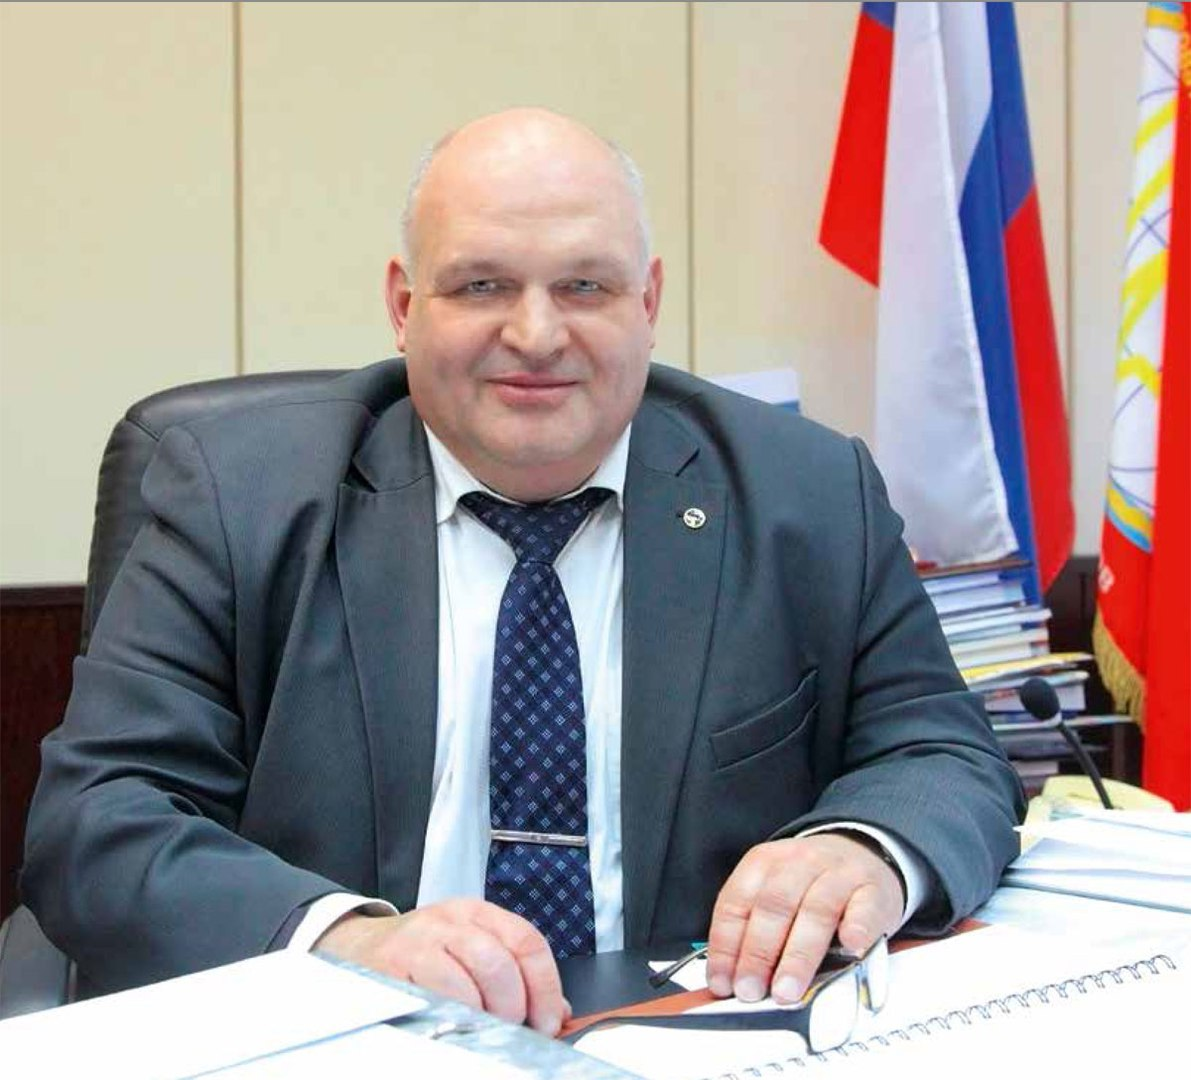 Спикер псковского парламента Котов потерял 14 позиций врейтинге «Медиалогии»